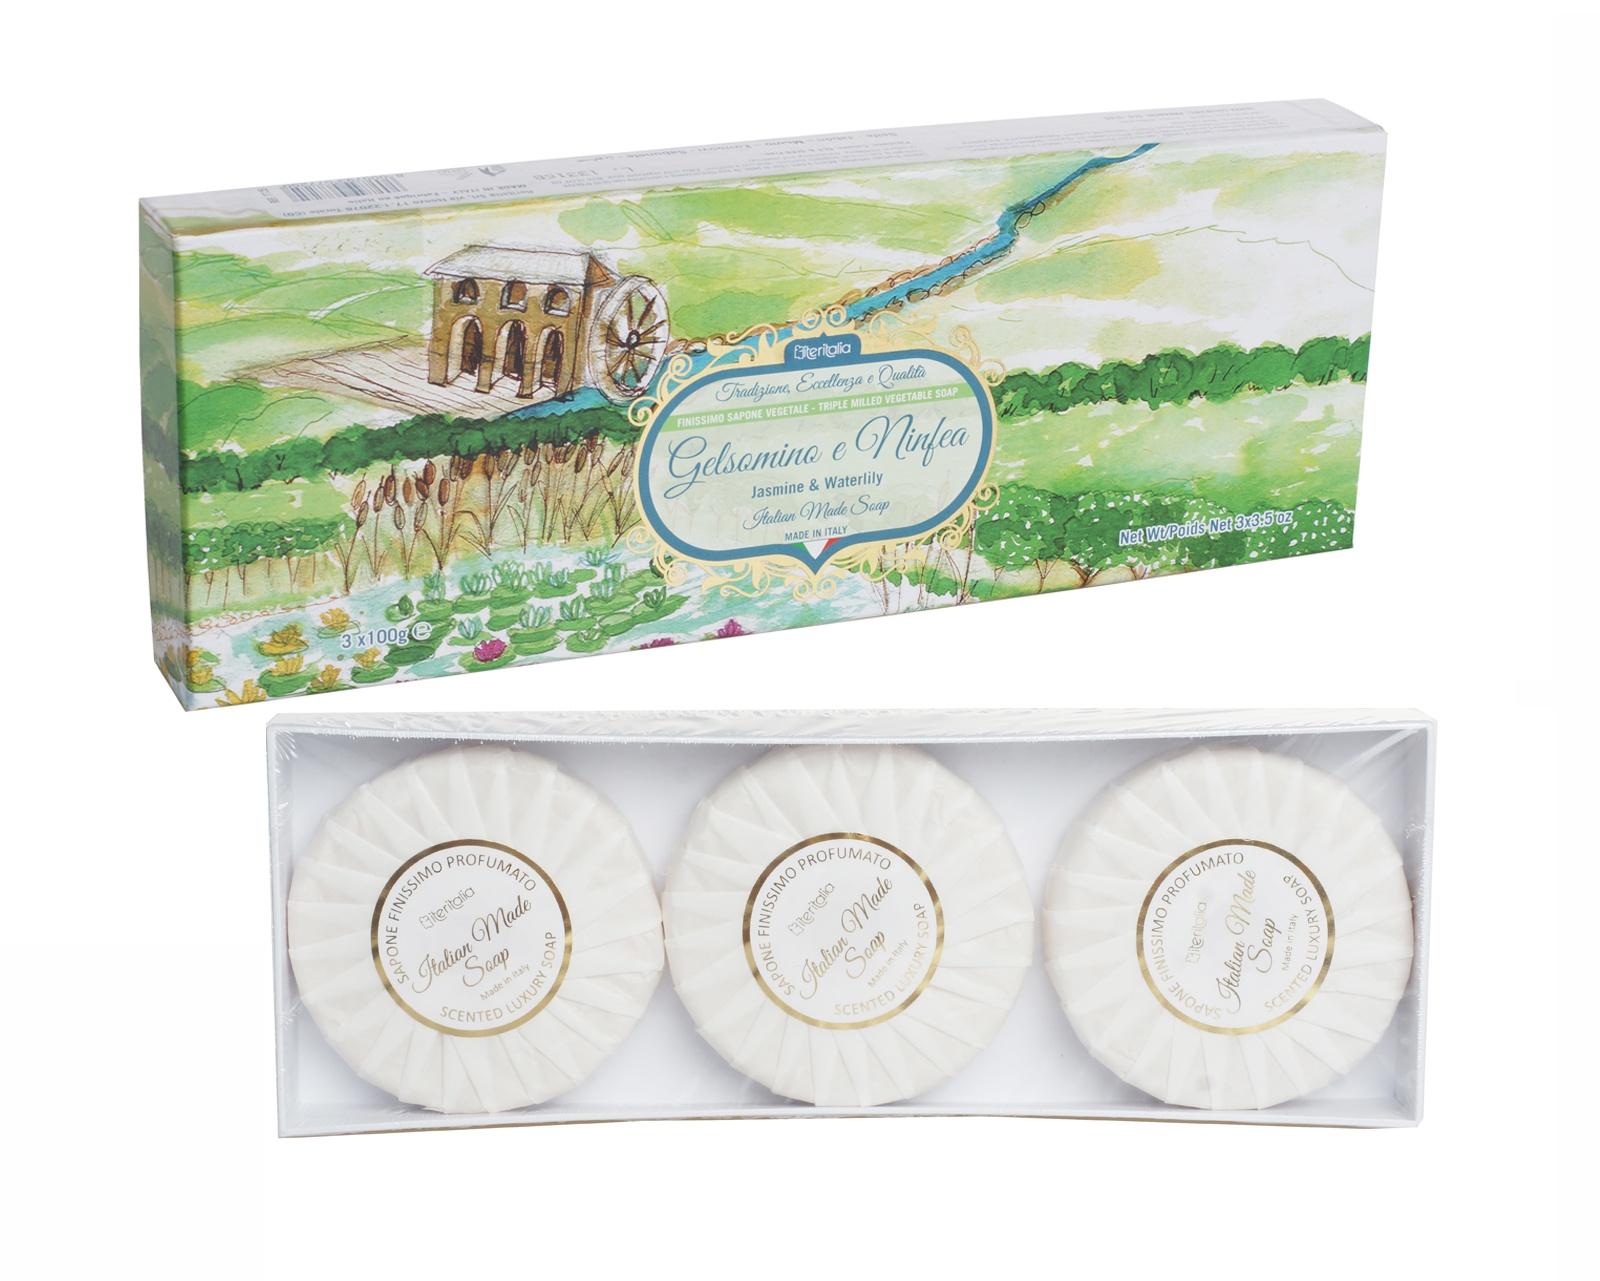 Подарочный набор Iteritalia премиальное натуральное мыло с ароматами  жасмина и кувшинки